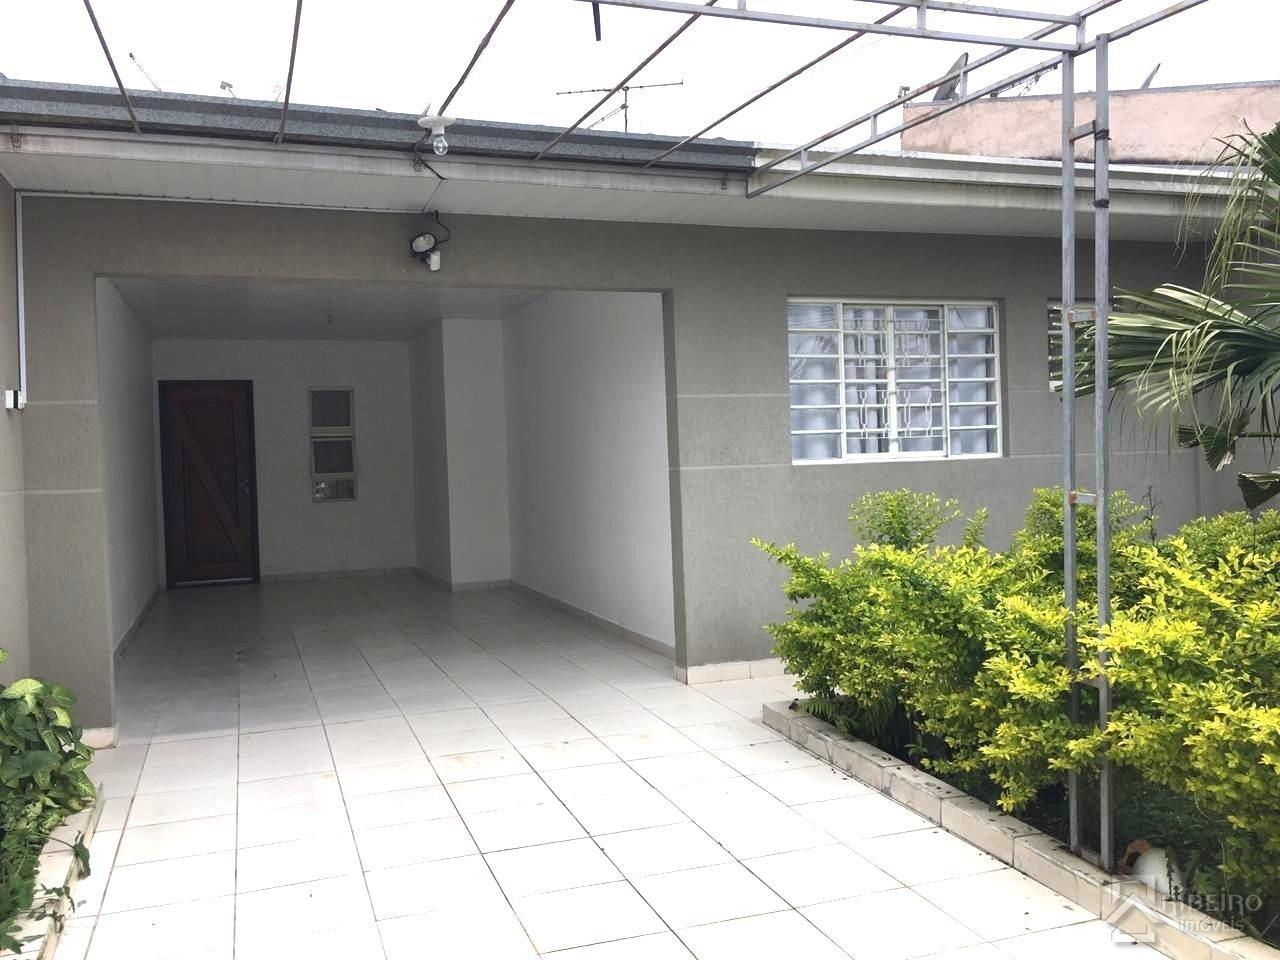 REF. 6391 -  São José Dos Pinhais - Rua  Giocondo Dall Stella, 205